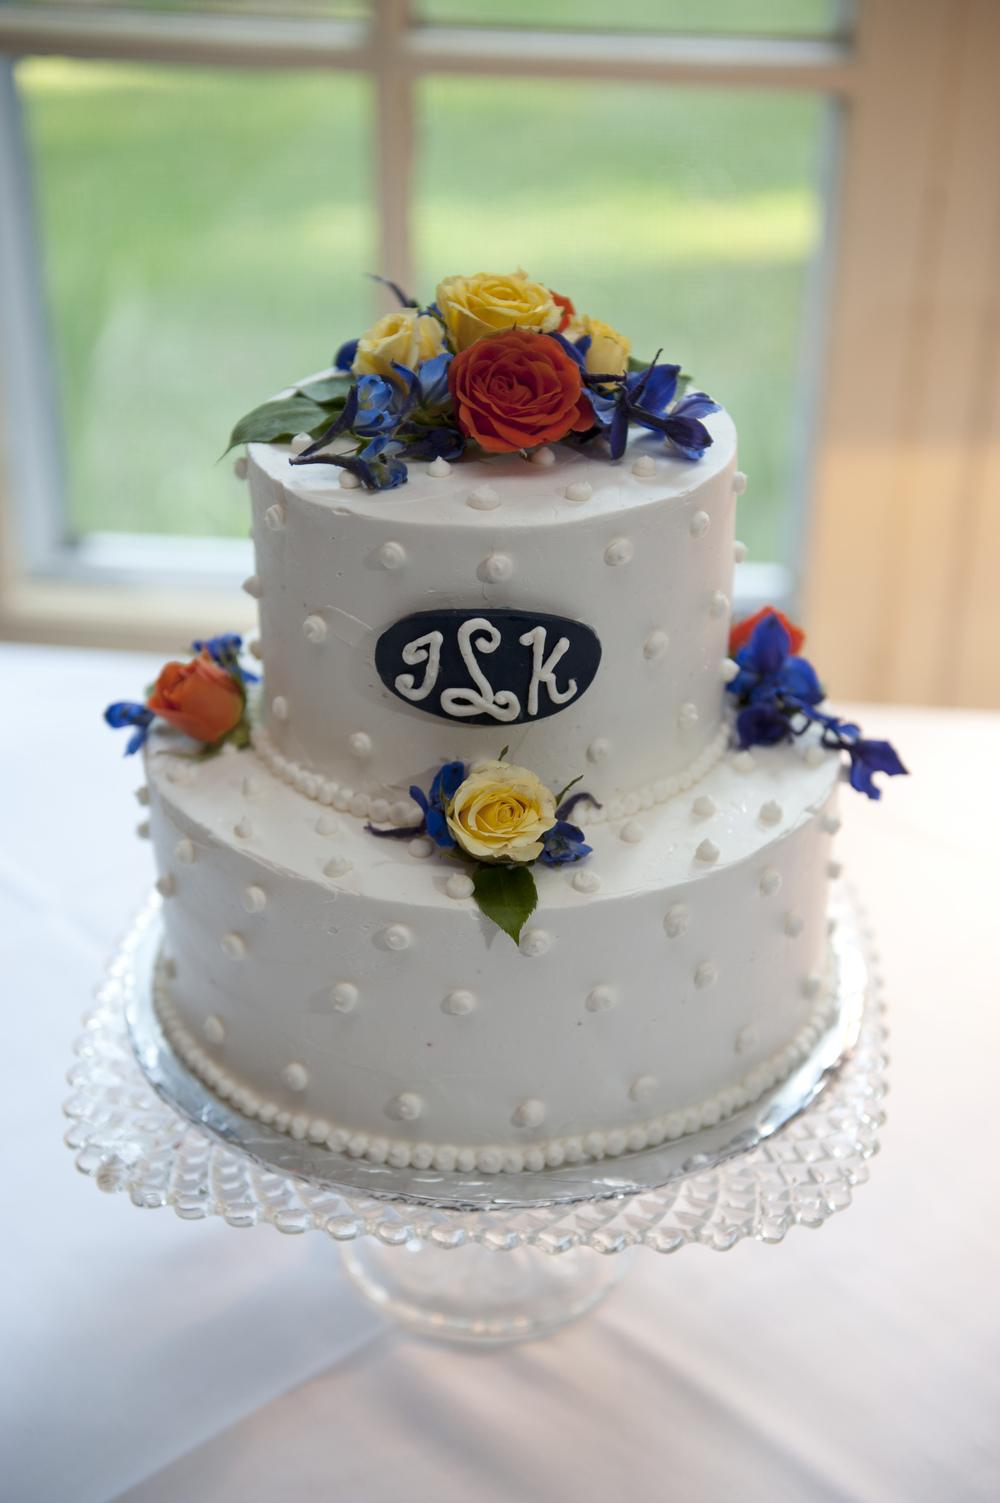 Julie Maylor cake #1.jpg